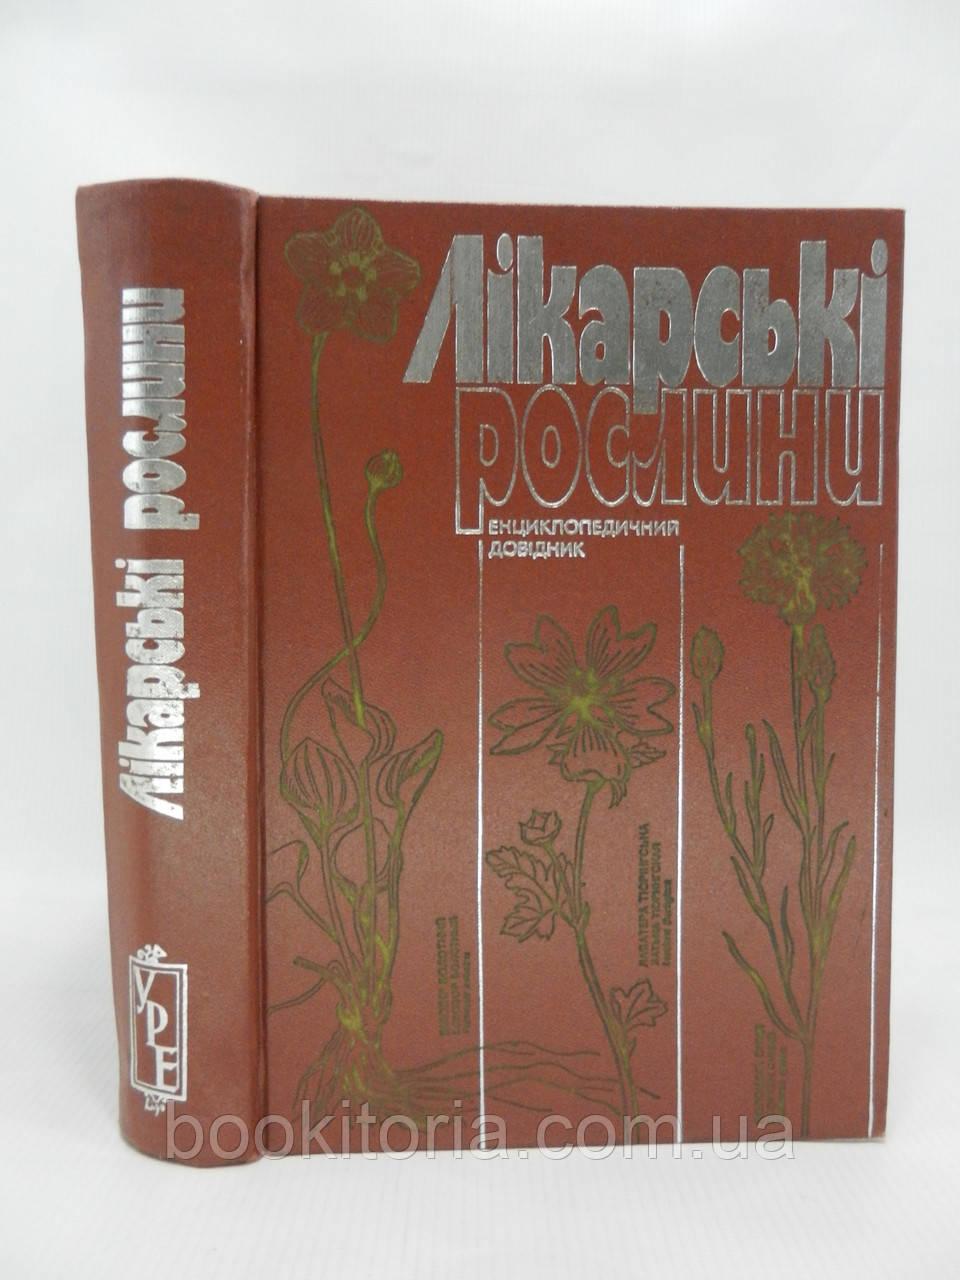 Лікарські рослини. Енциклопедичний словник (б/у).